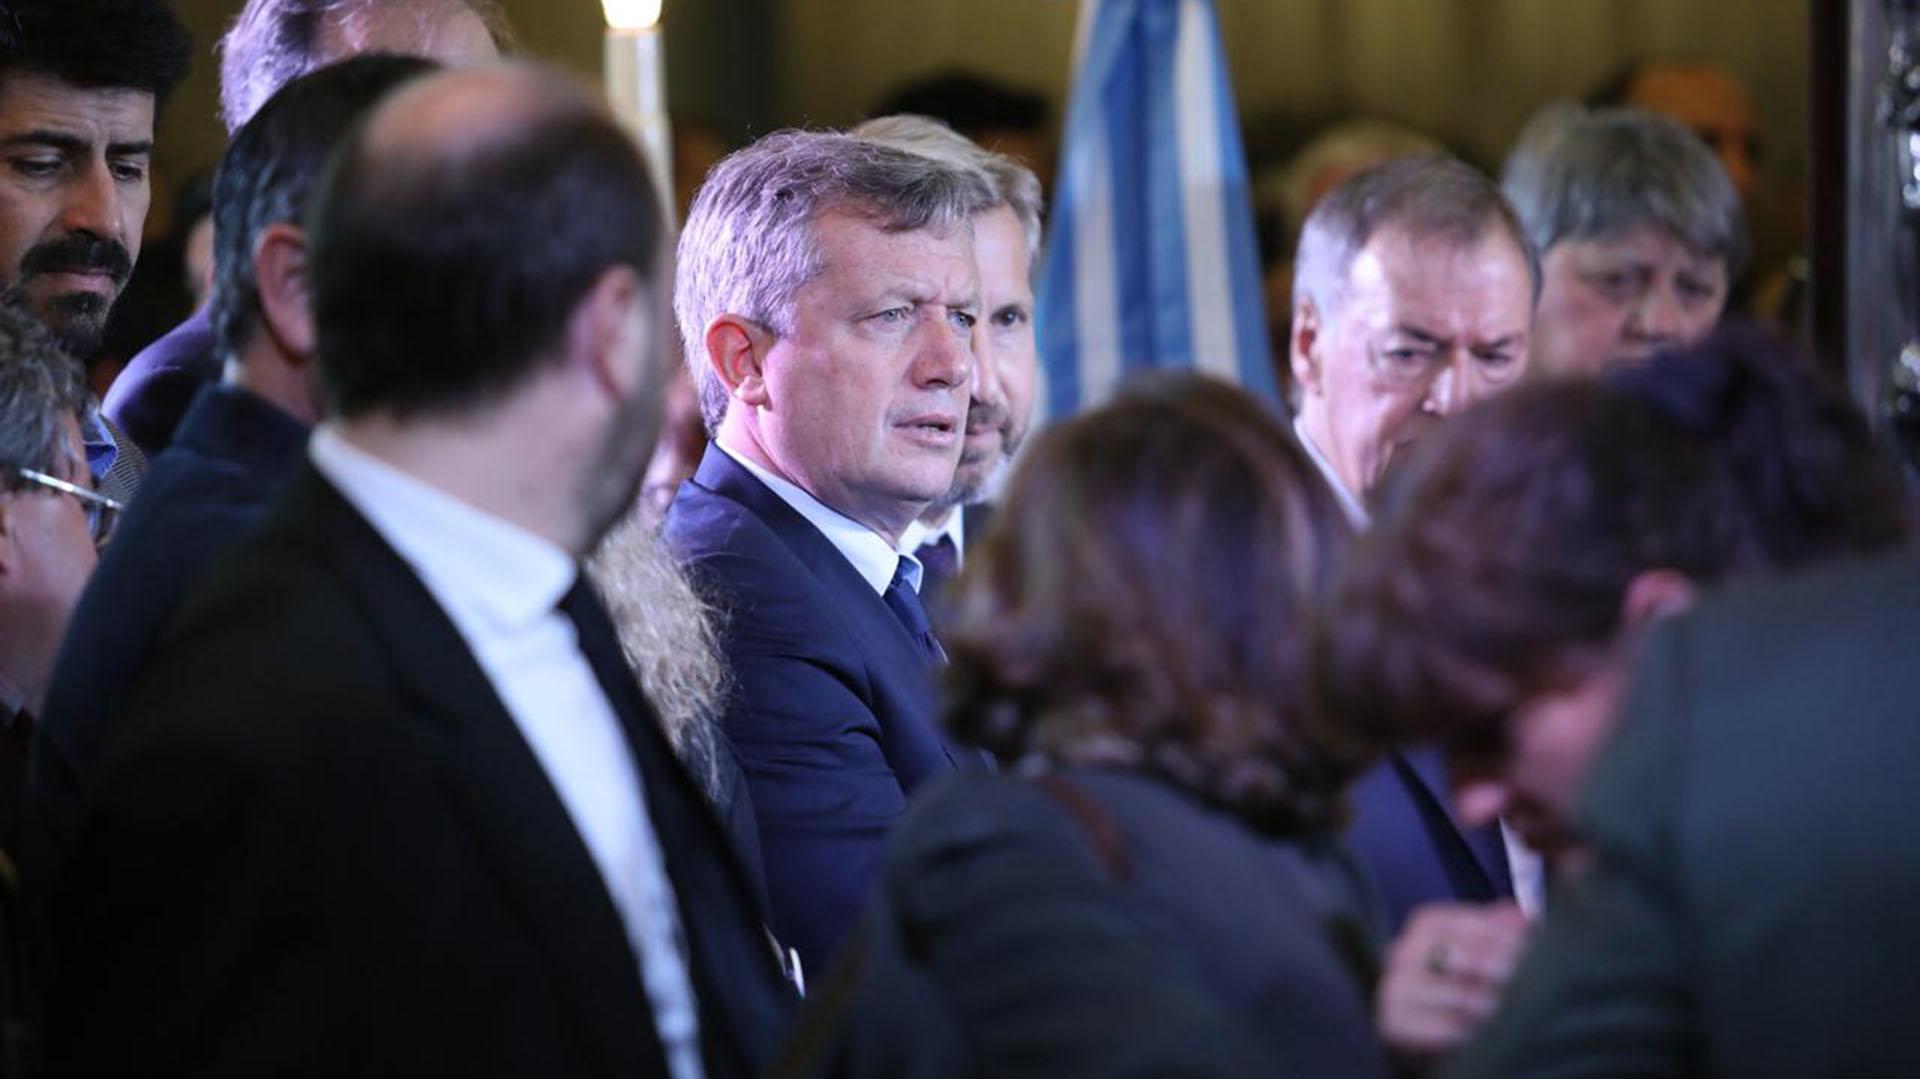 El presidente de la Cámara de Diputados de la Nación, Emilio Monzó, también se hizo presente